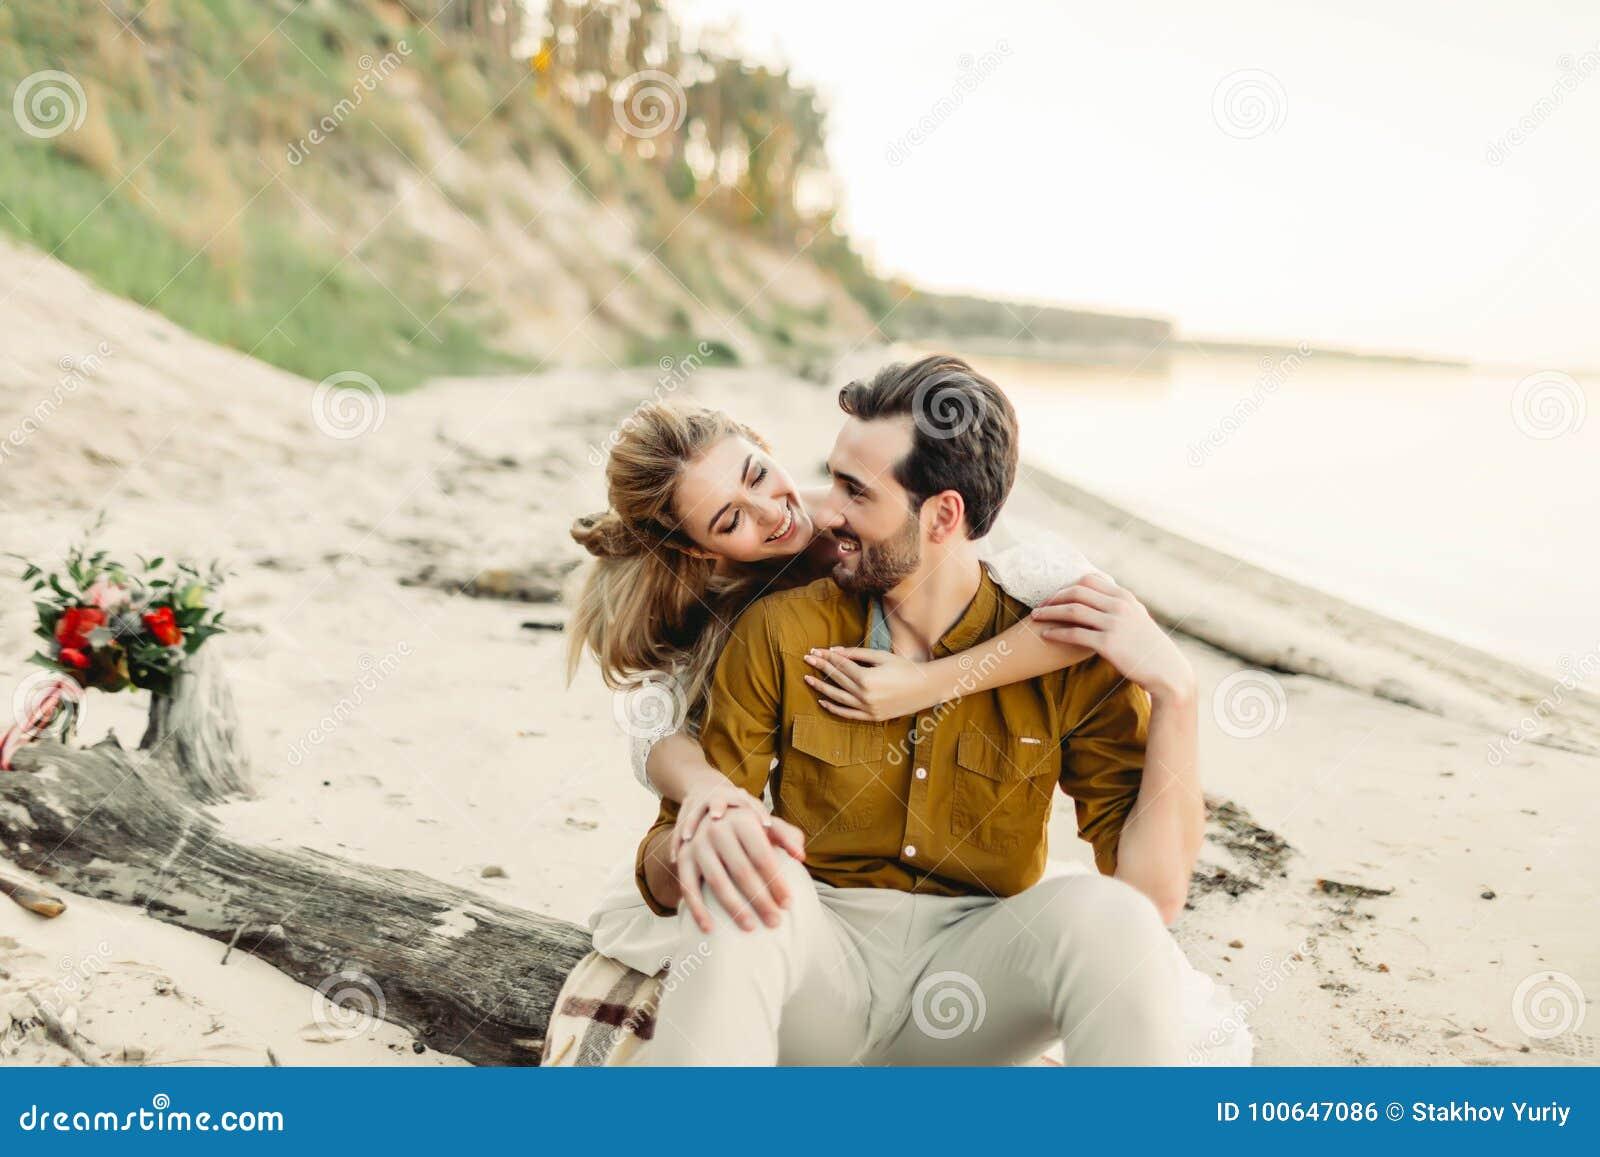 Un Jeune Couple Est Souriant Et étreignant Sur La Plage La